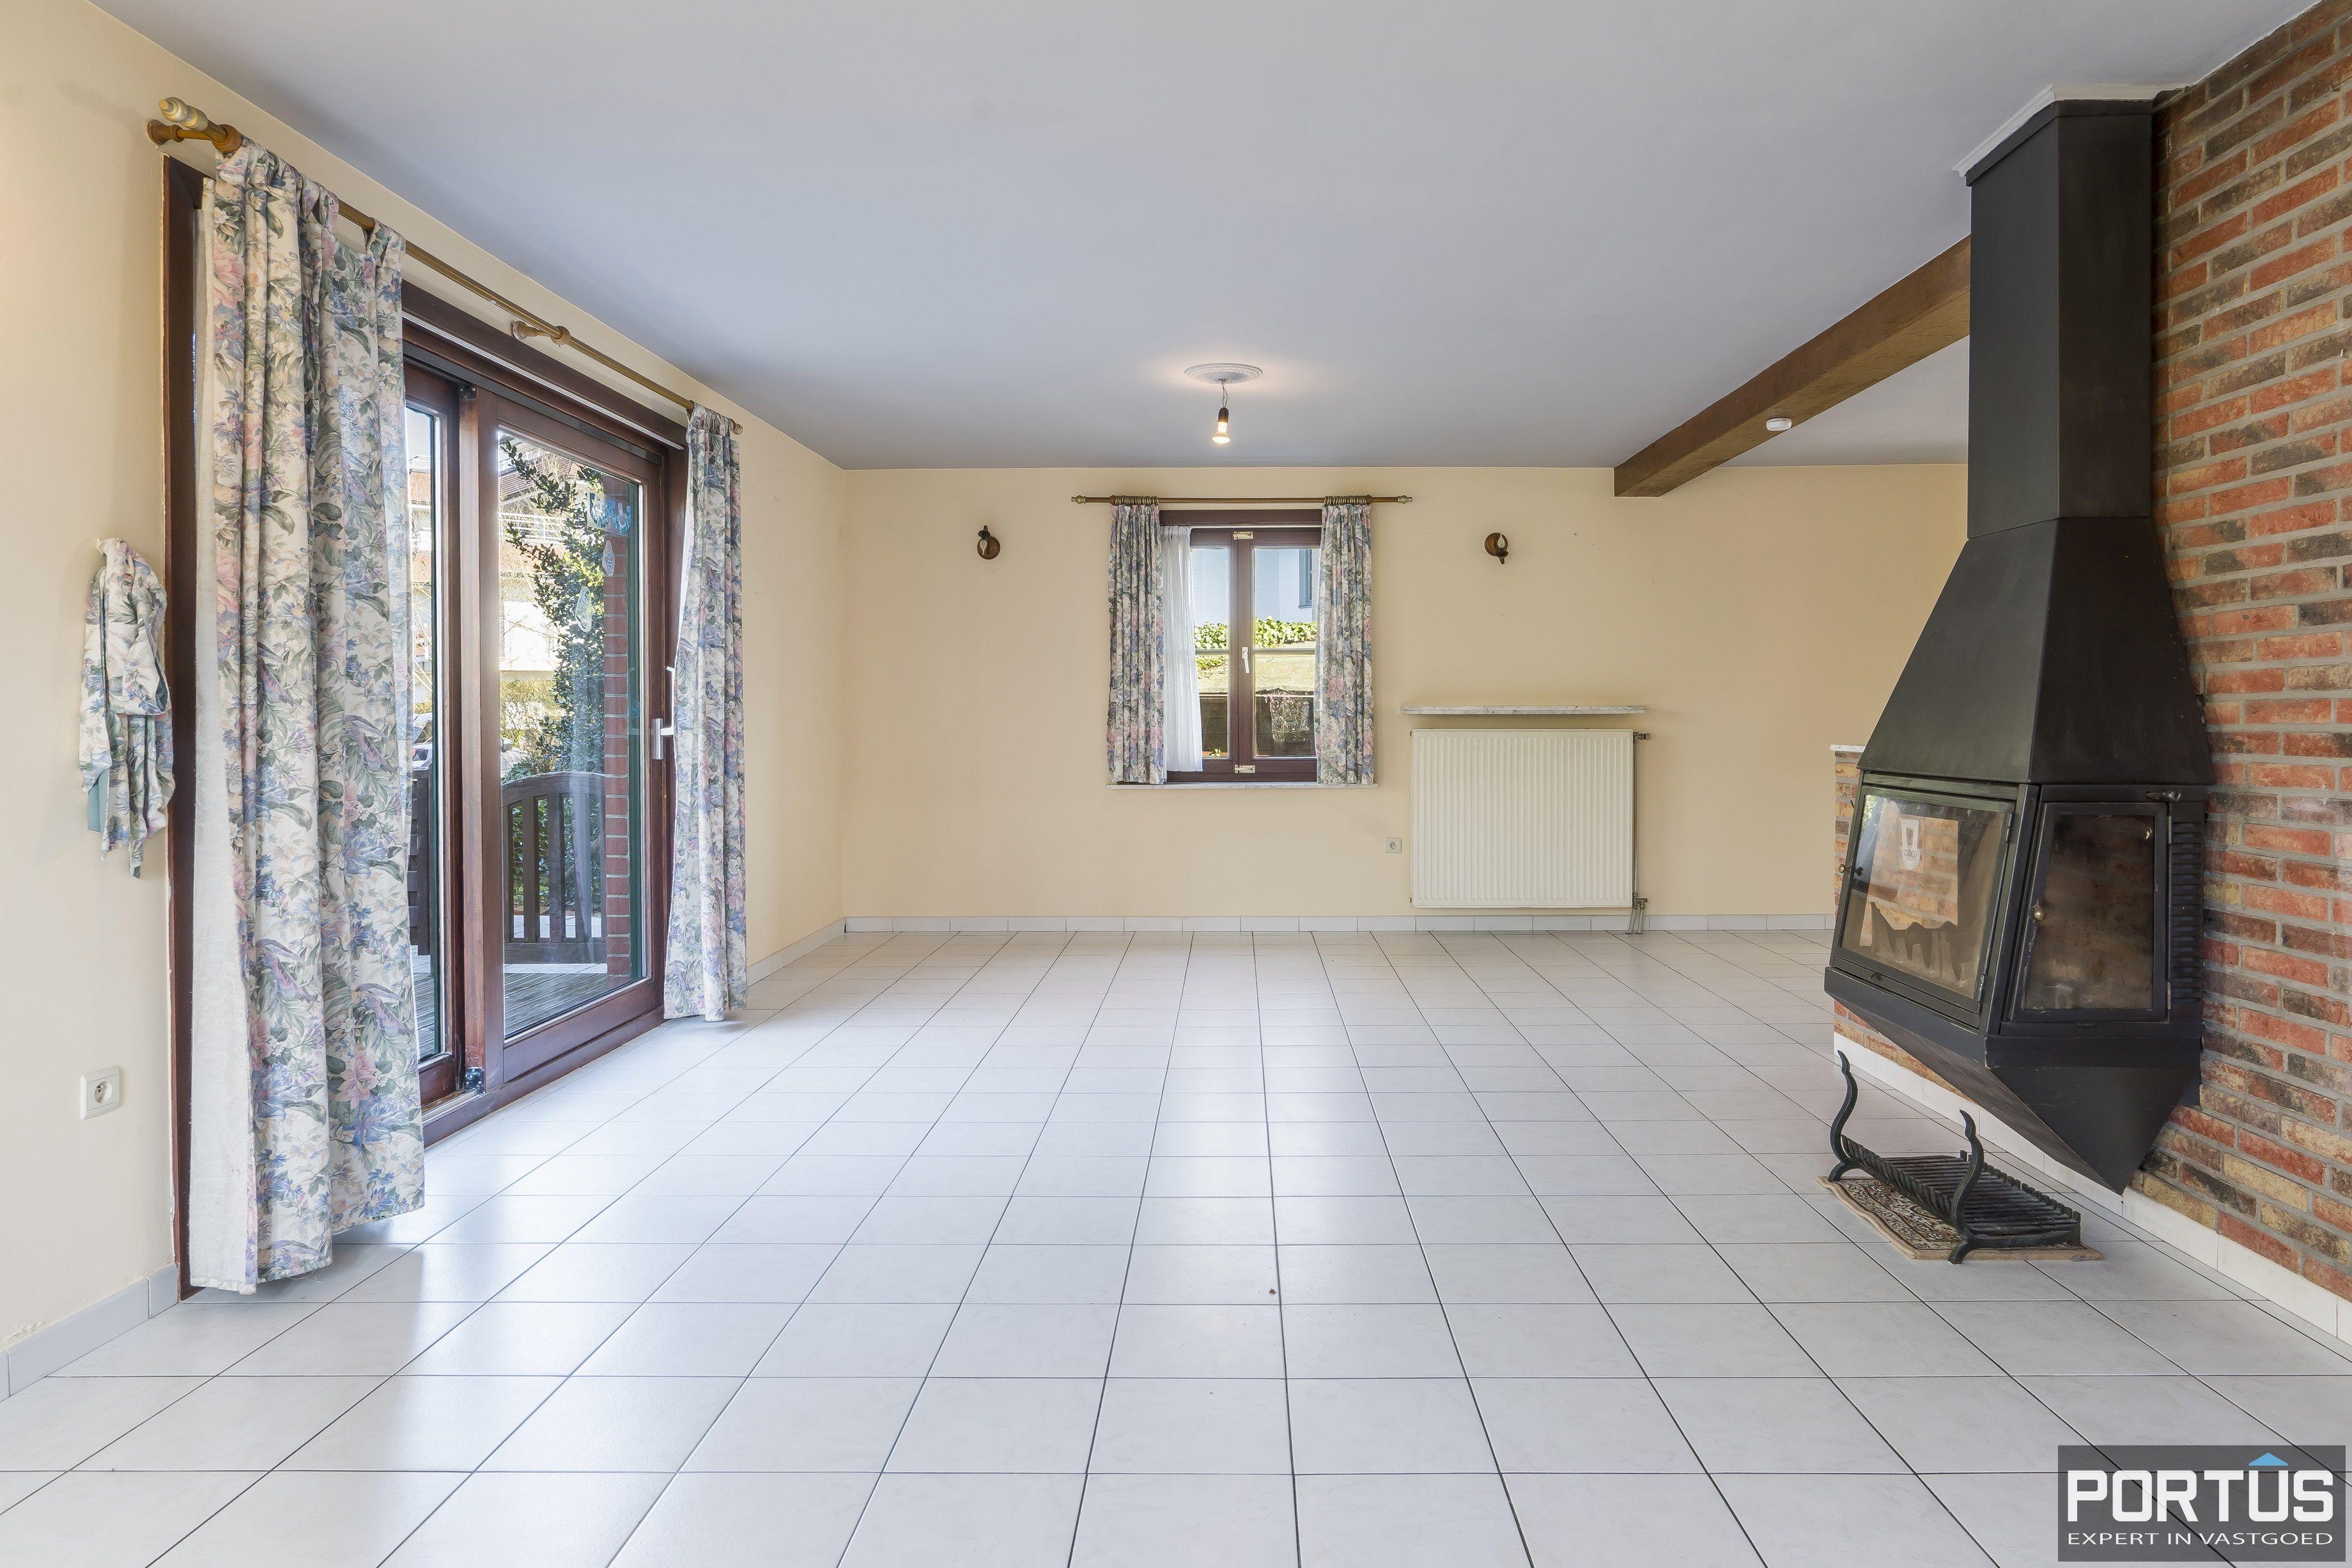 Villa te koop met 3 slaapkamers te Nieuwpoort - 14020